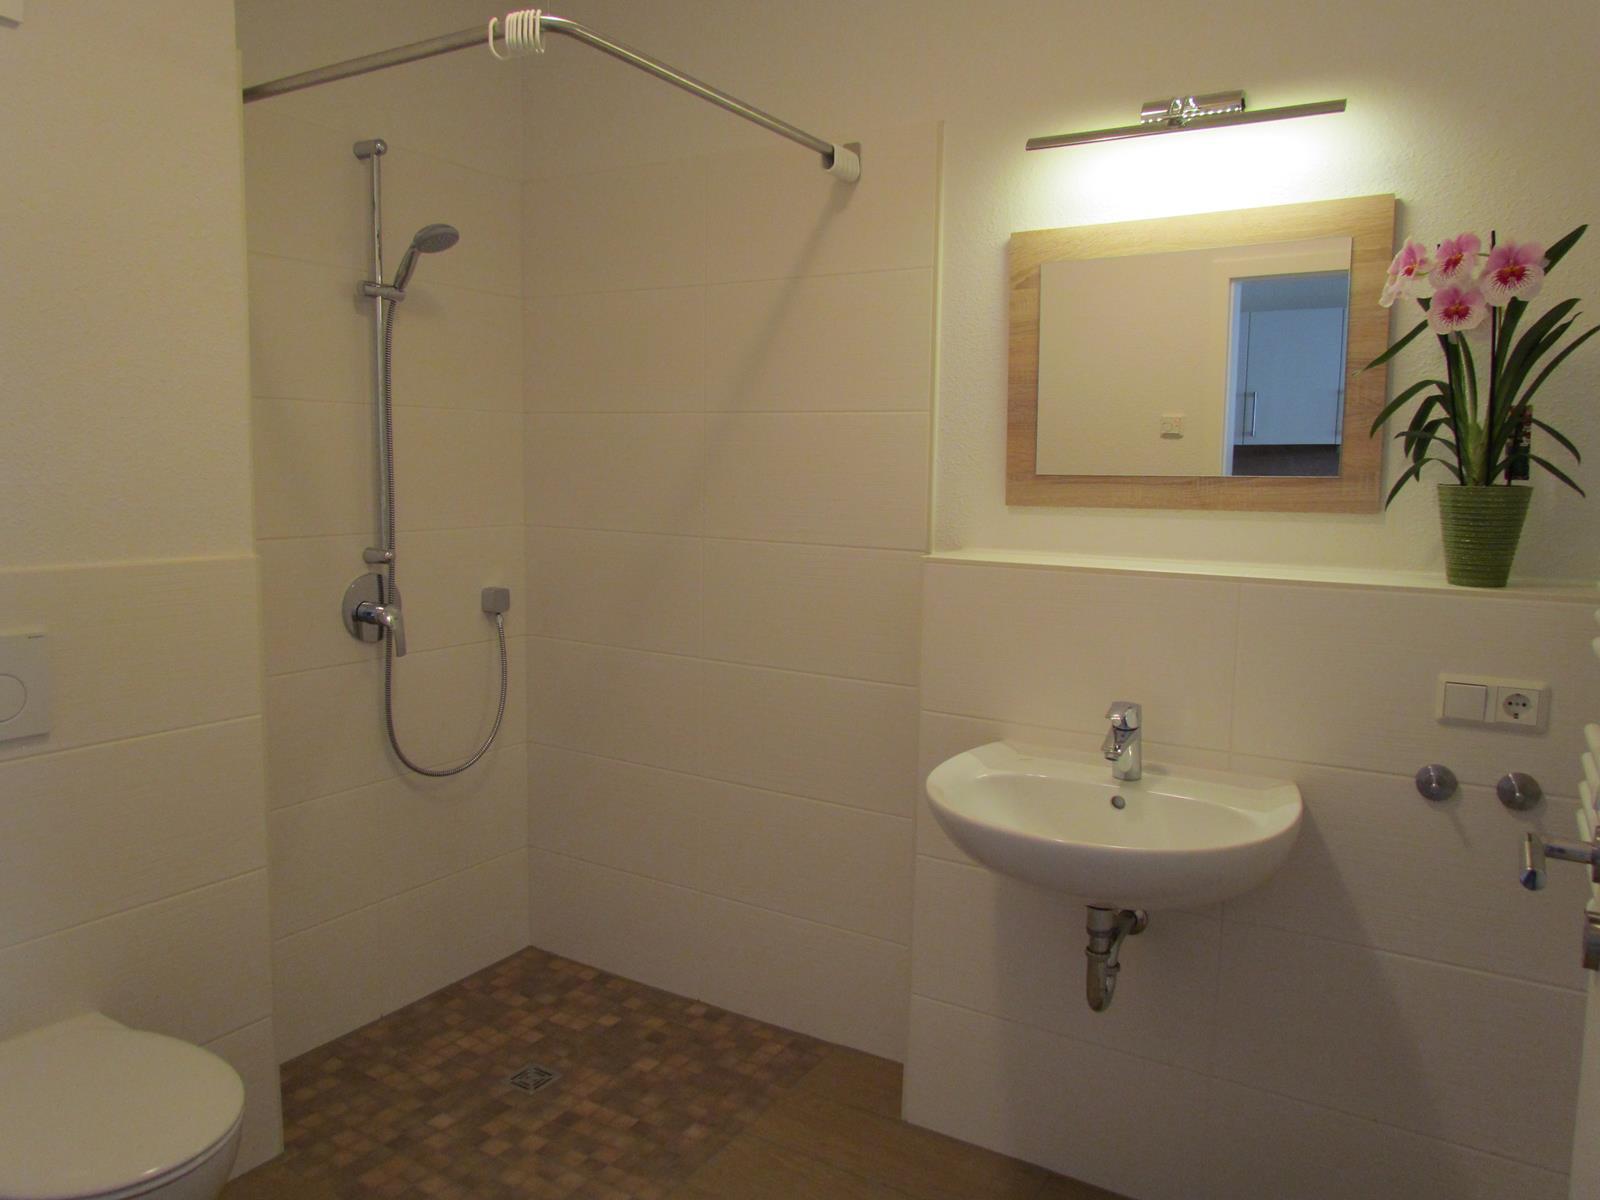 Einraumwohnung Standard Bad